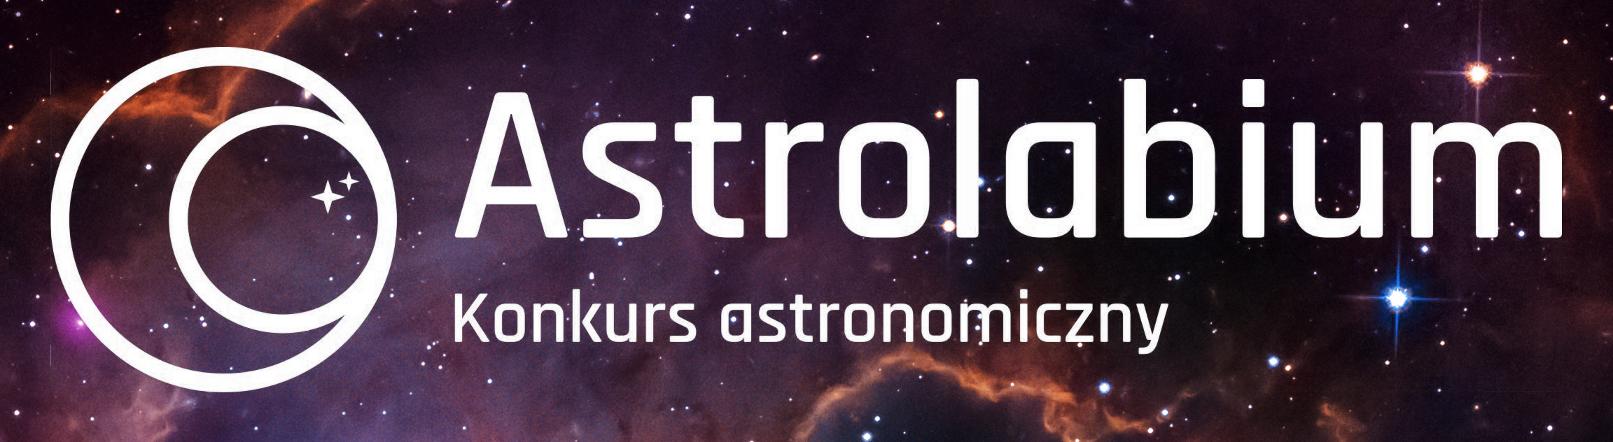 """Koniec  zgłoszeń naogólnopolski Konkurs Astronomiczny """"Astrolabium"""" @ Online"""